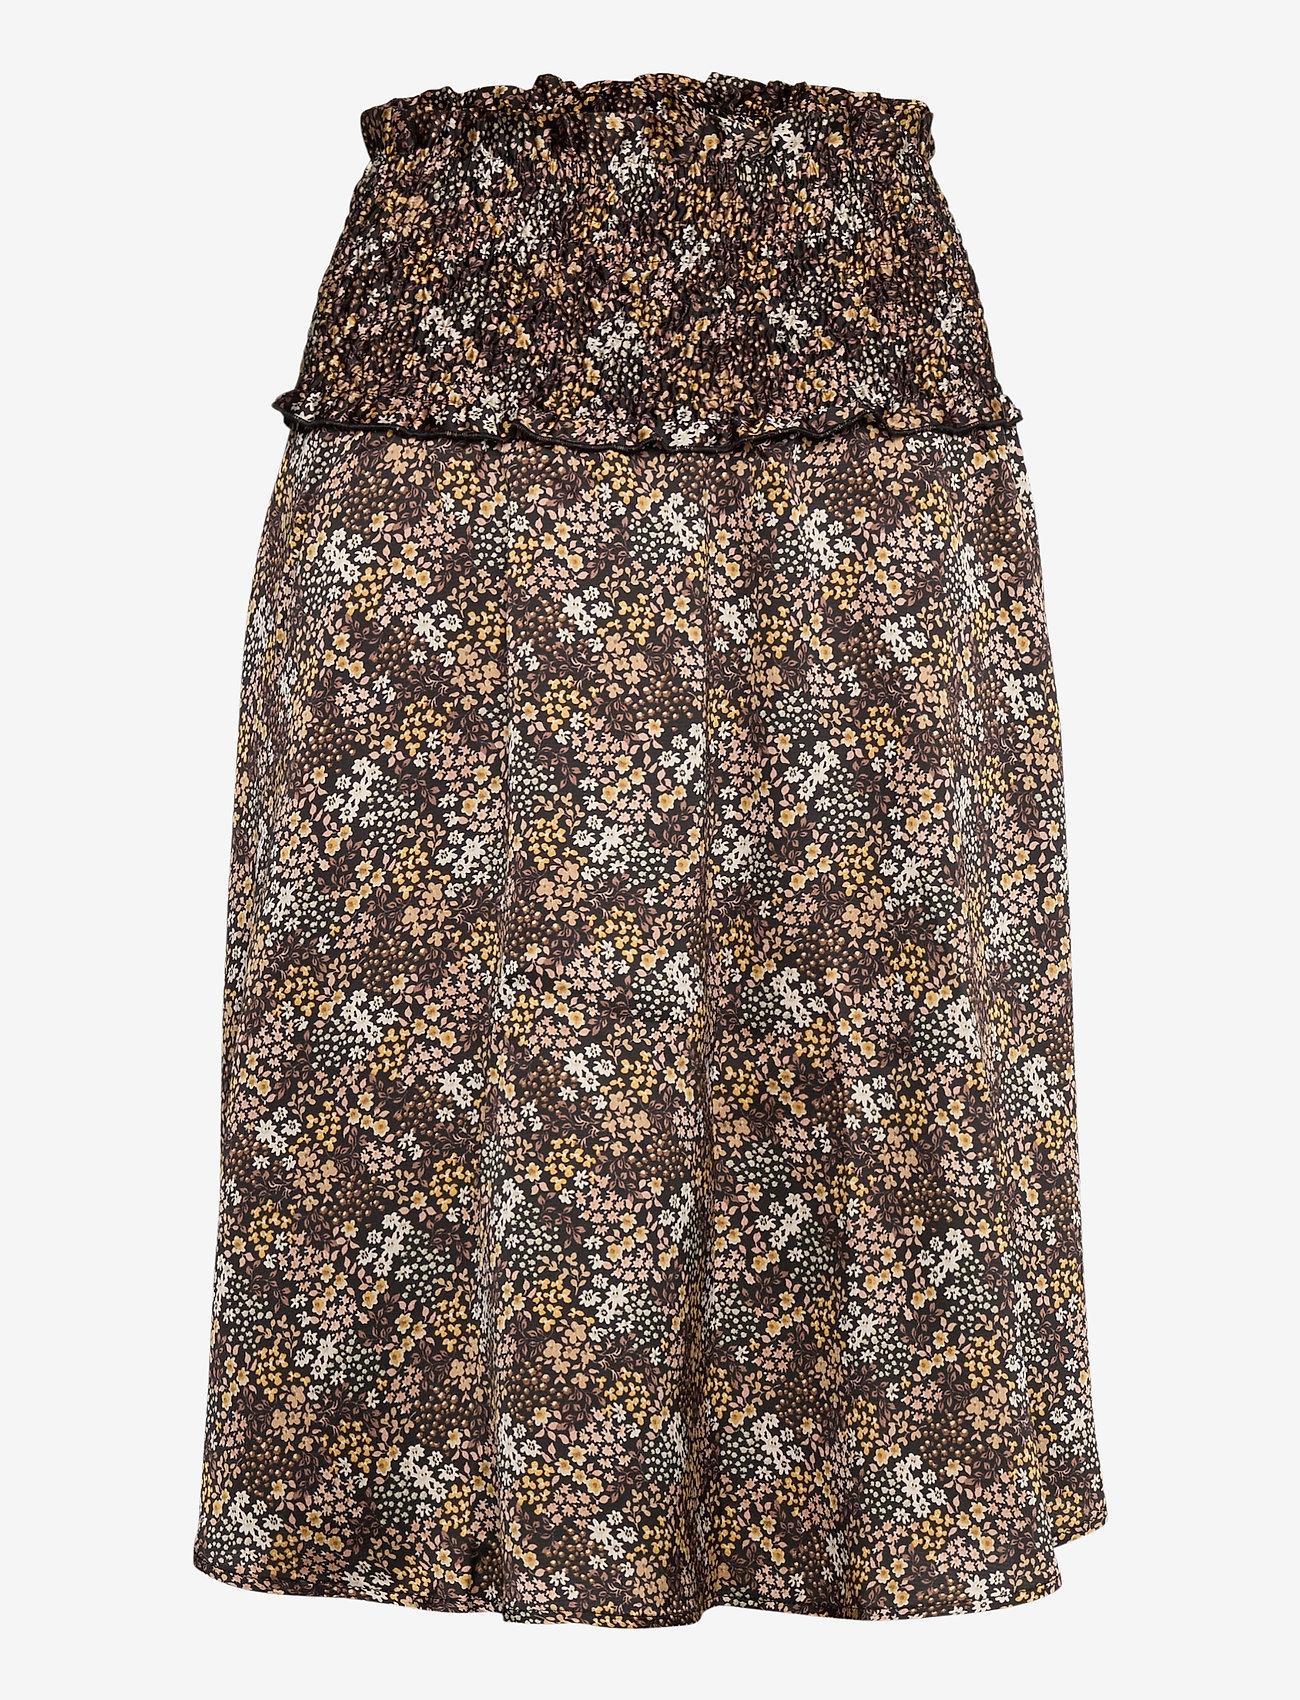 Sofie Schnoor - Skirt - midi skirts - black - 0